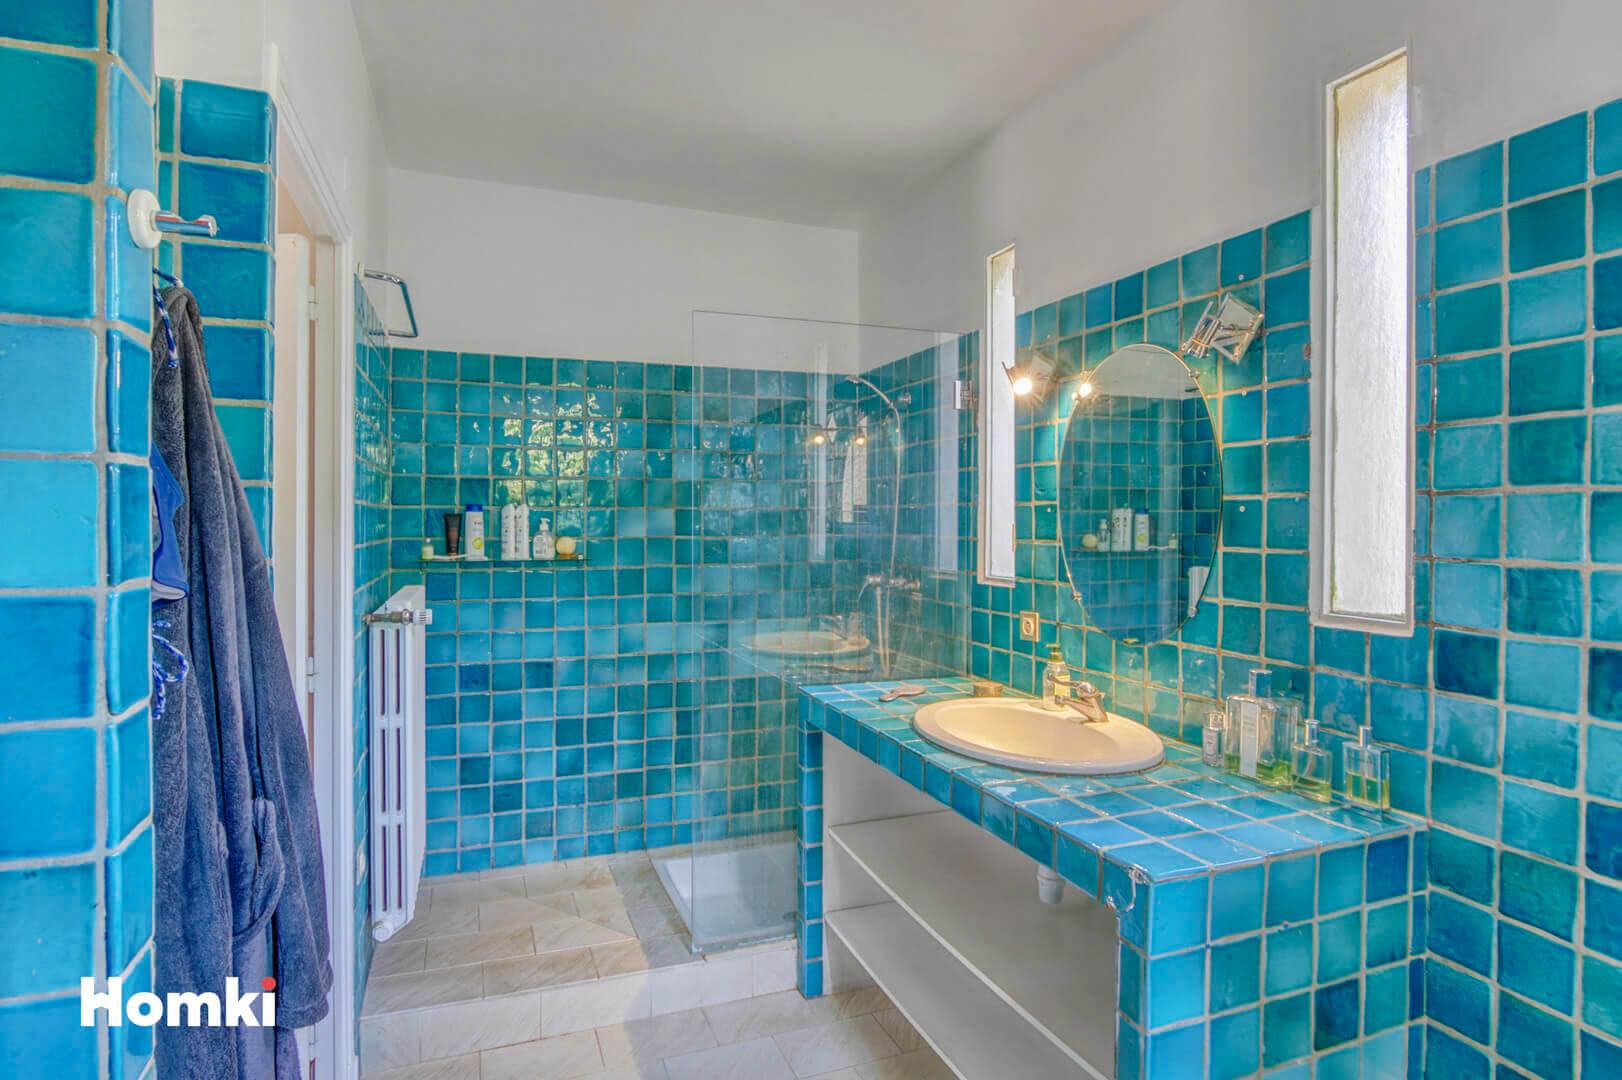 Homki - Vente Maison/villa  de 225.0 m² à Manosque 04100